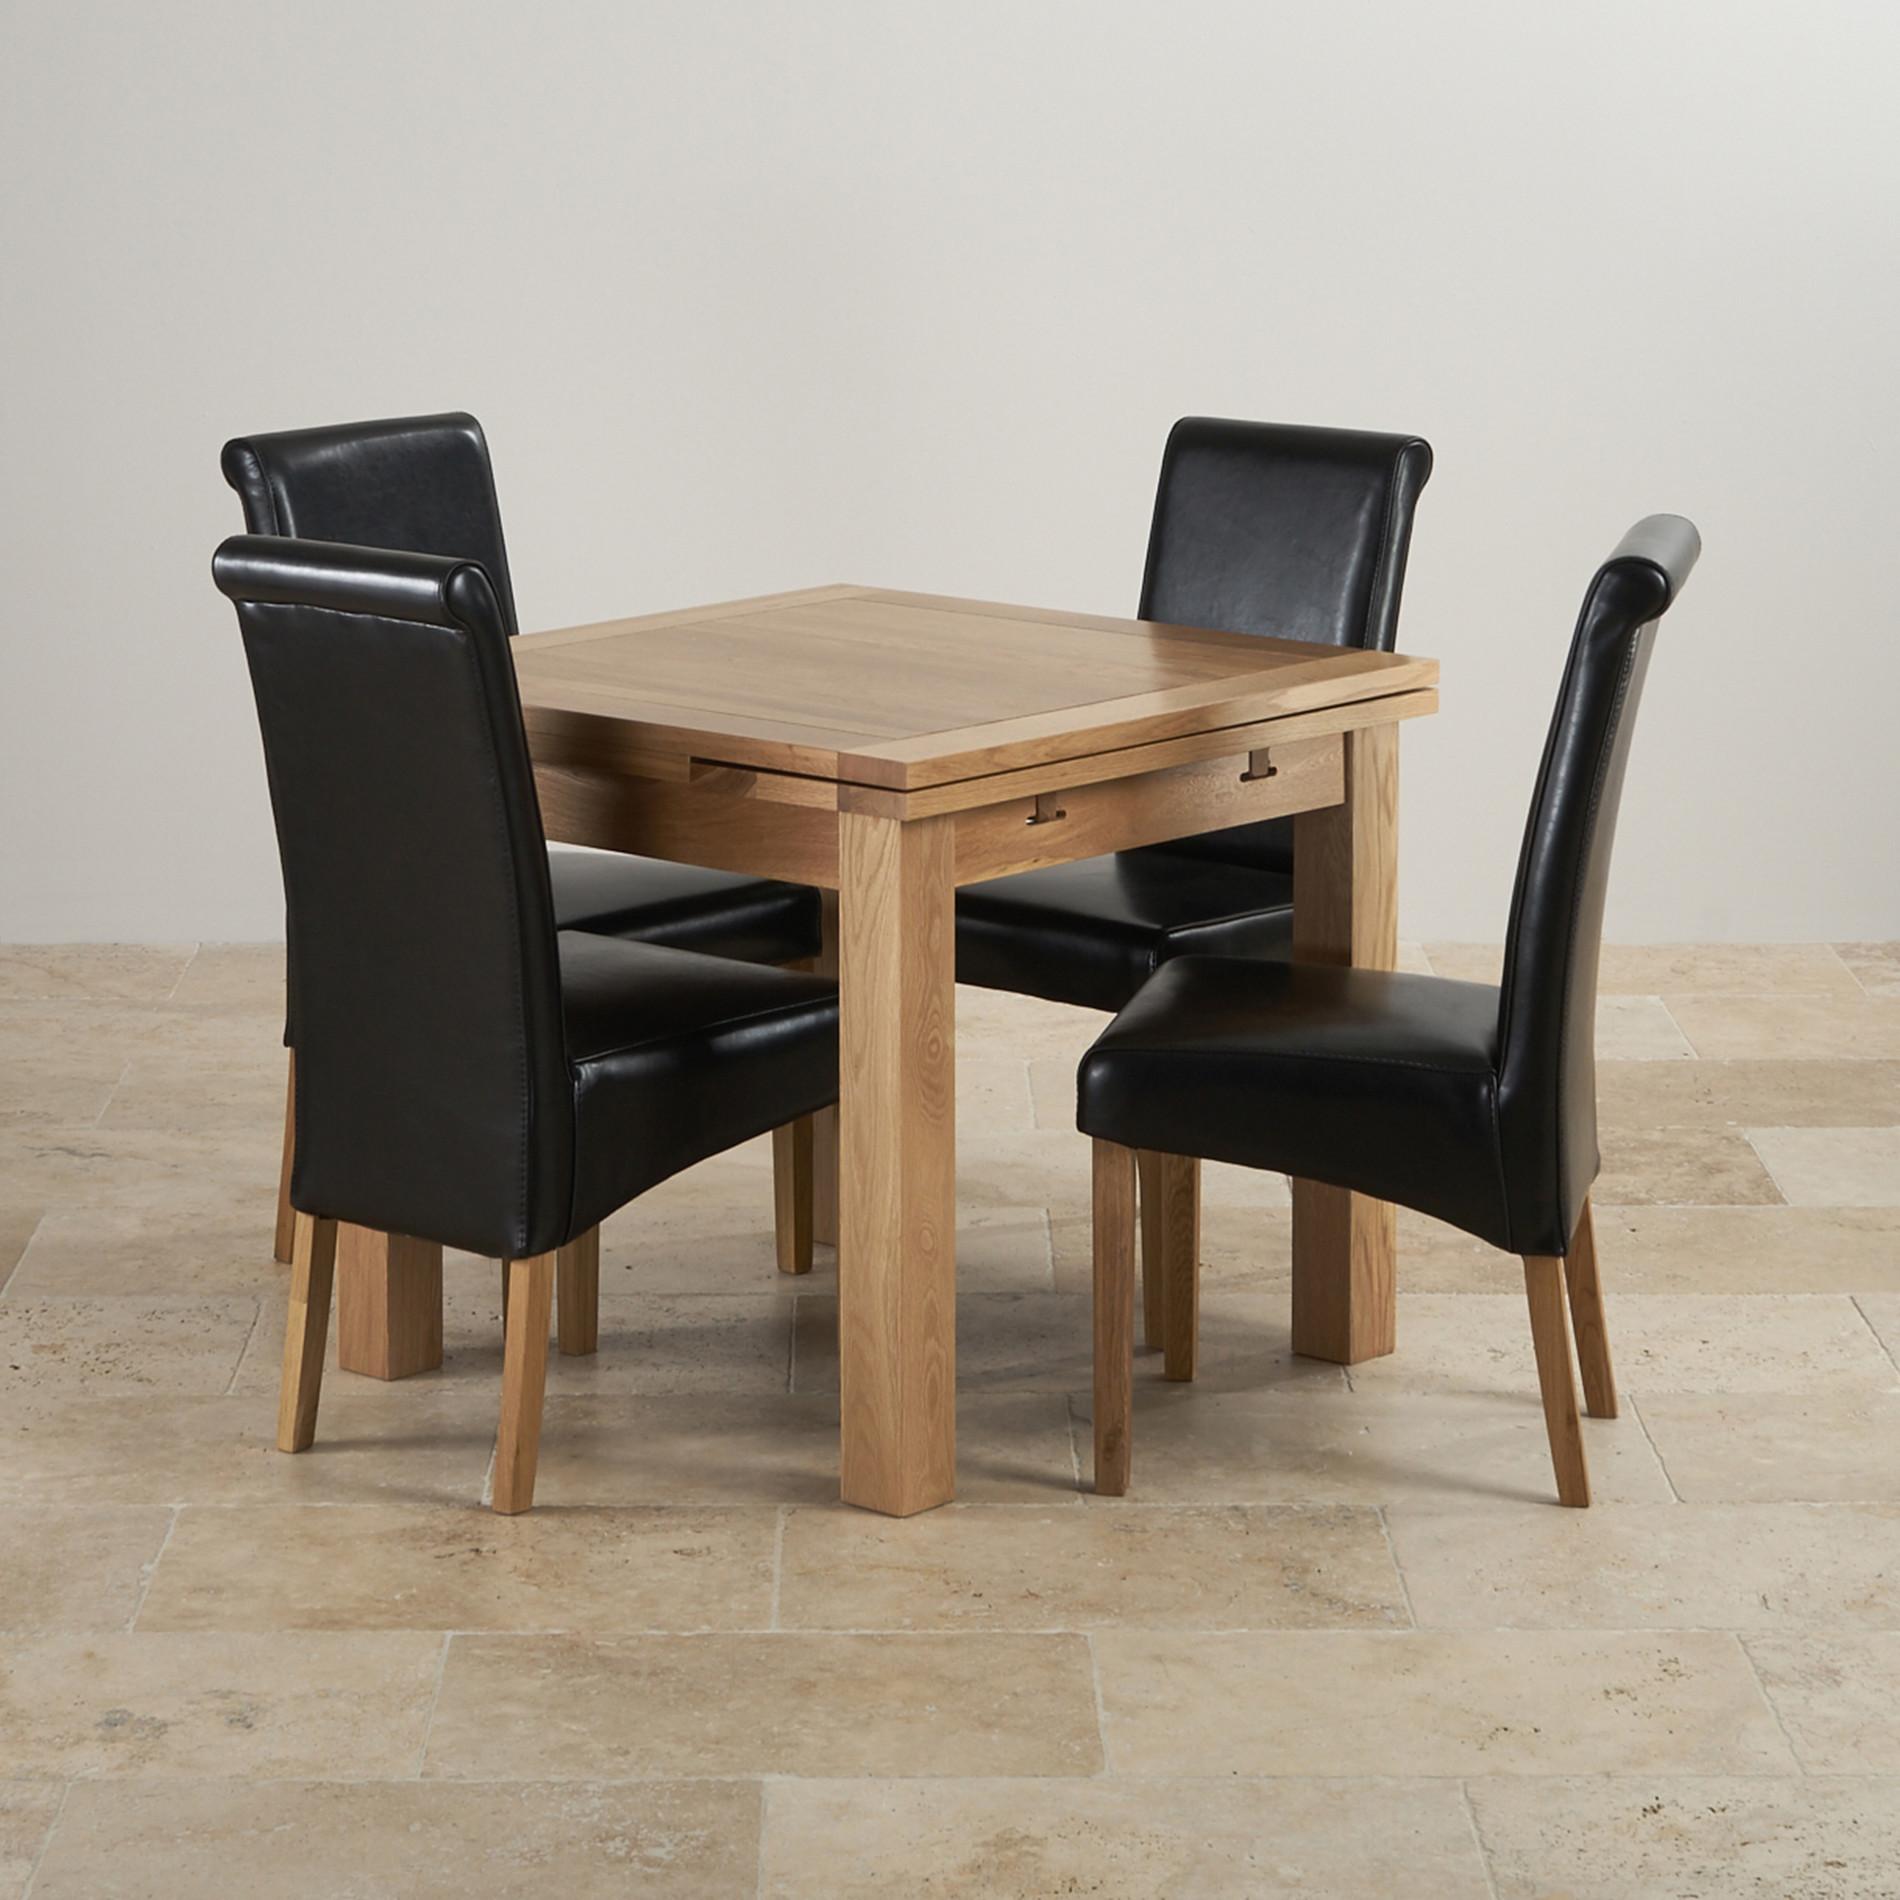 dorset 3ft extending solid oak dining set with 4 black